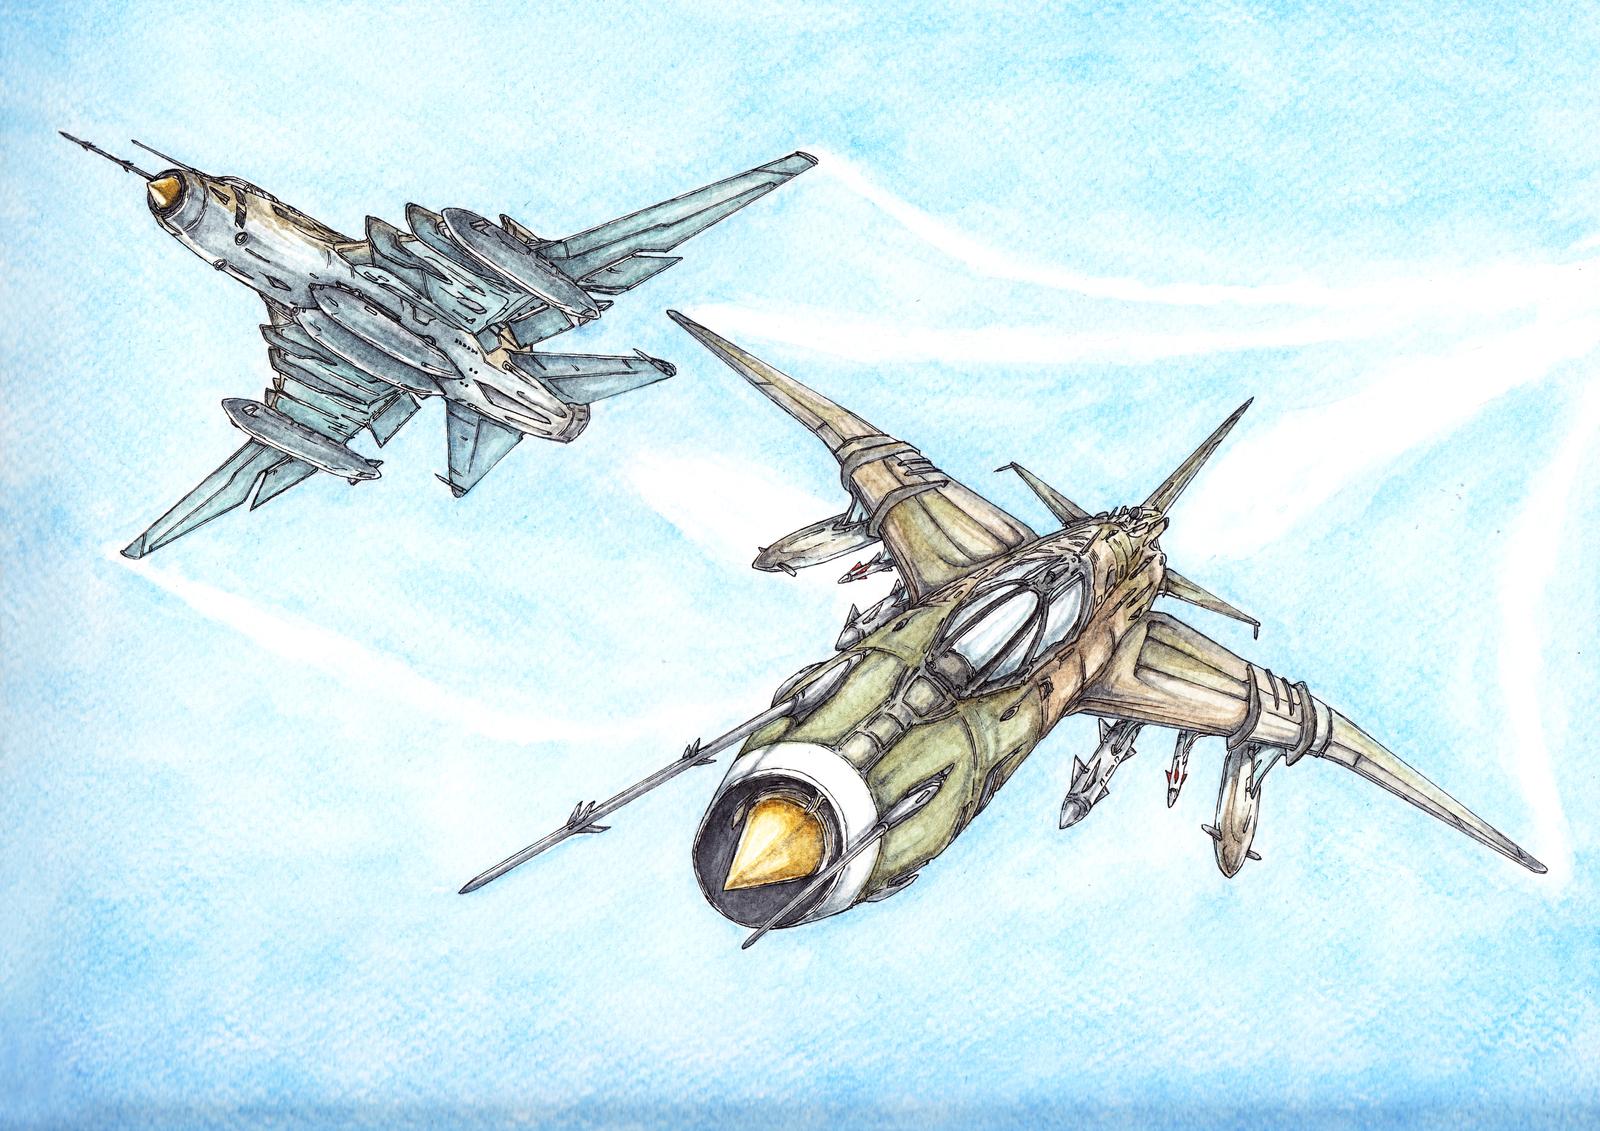 Su-17 Fitter Squad